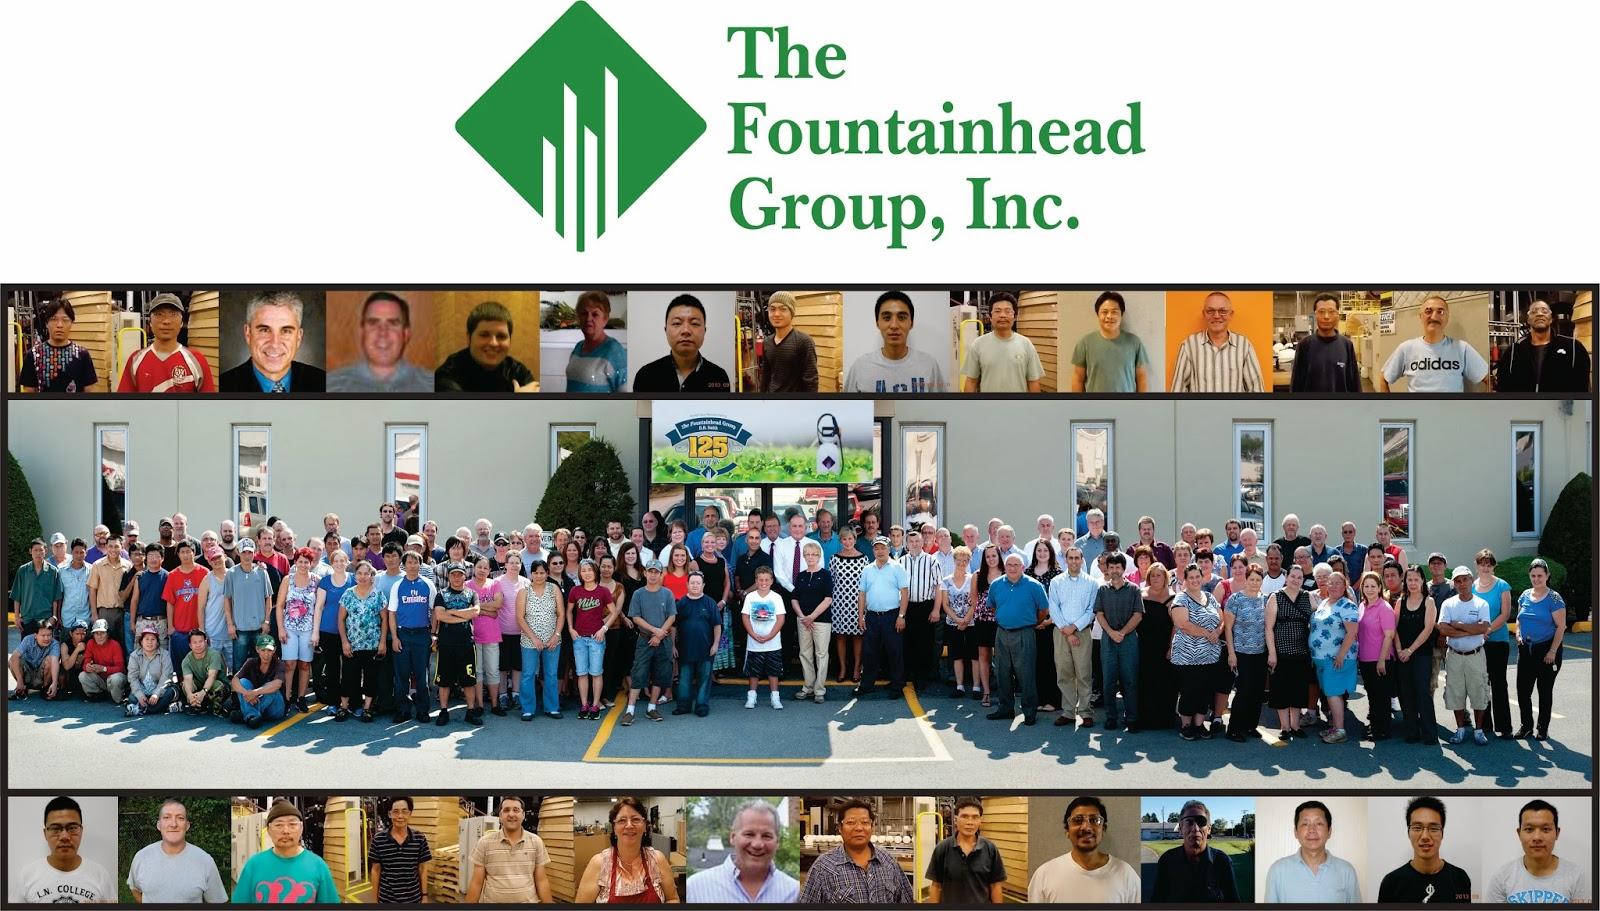 The Fountainhead Group 68